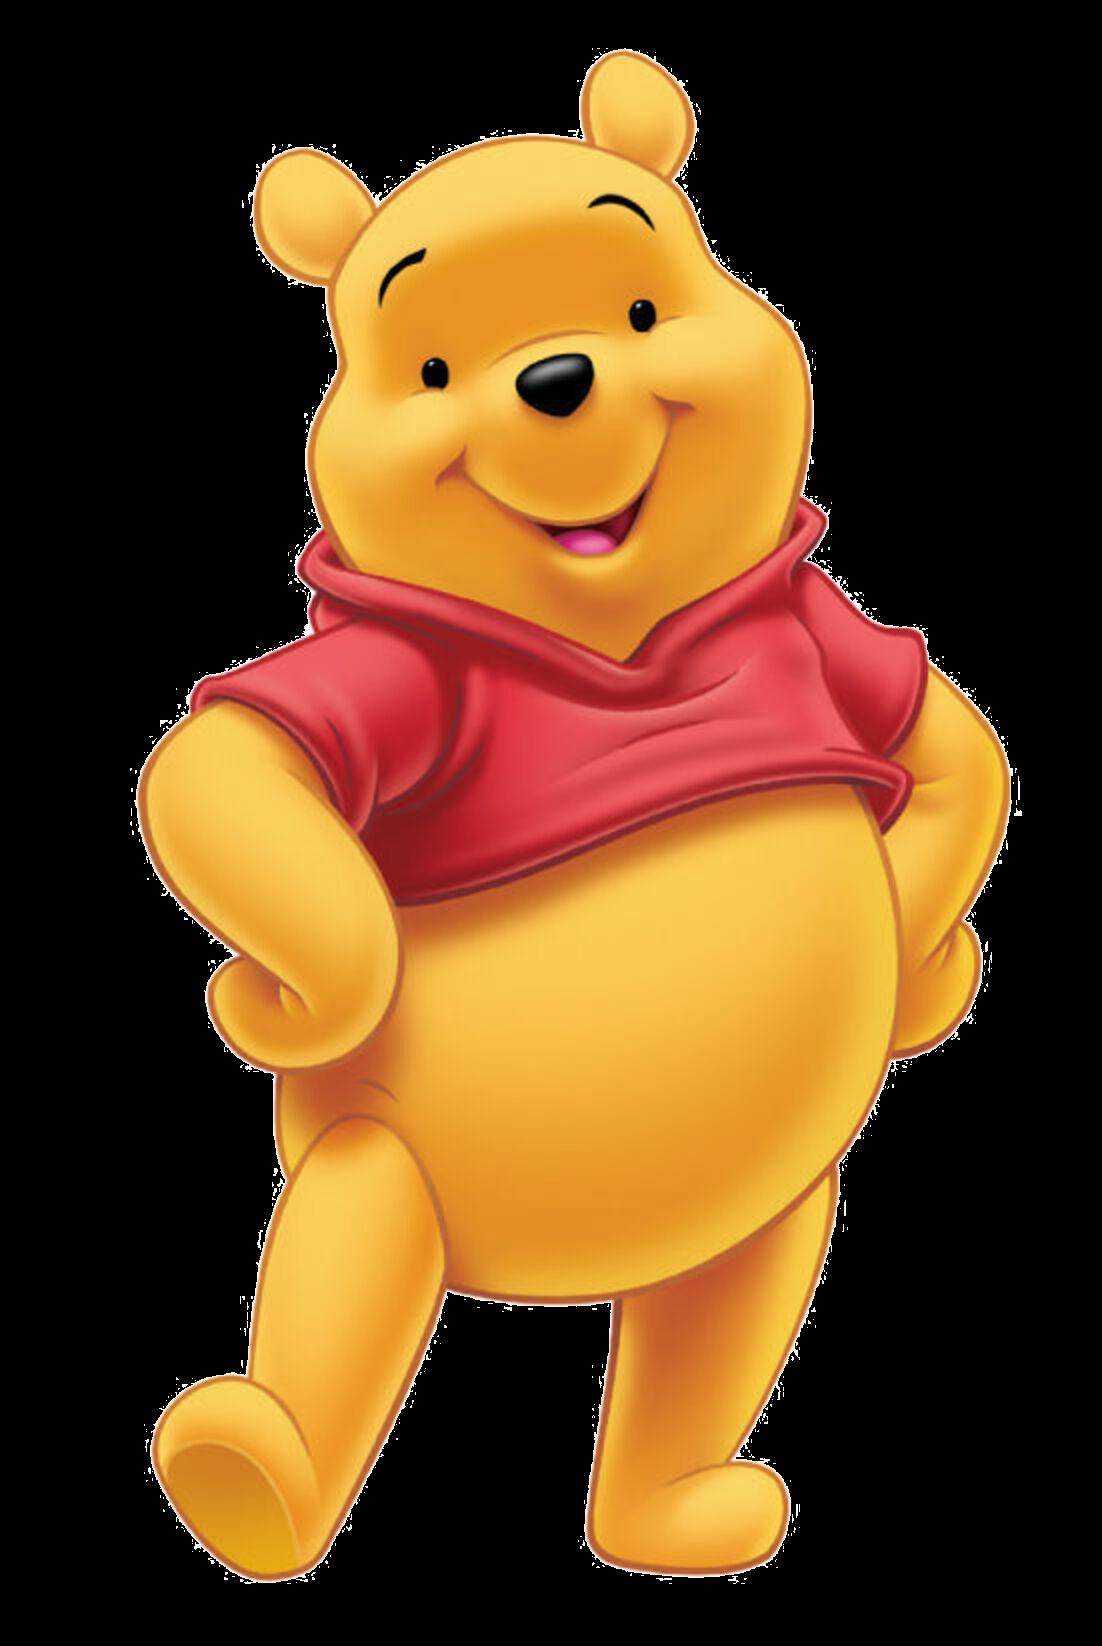 image winnie the pooh png disney wiki fandom powered by wikia